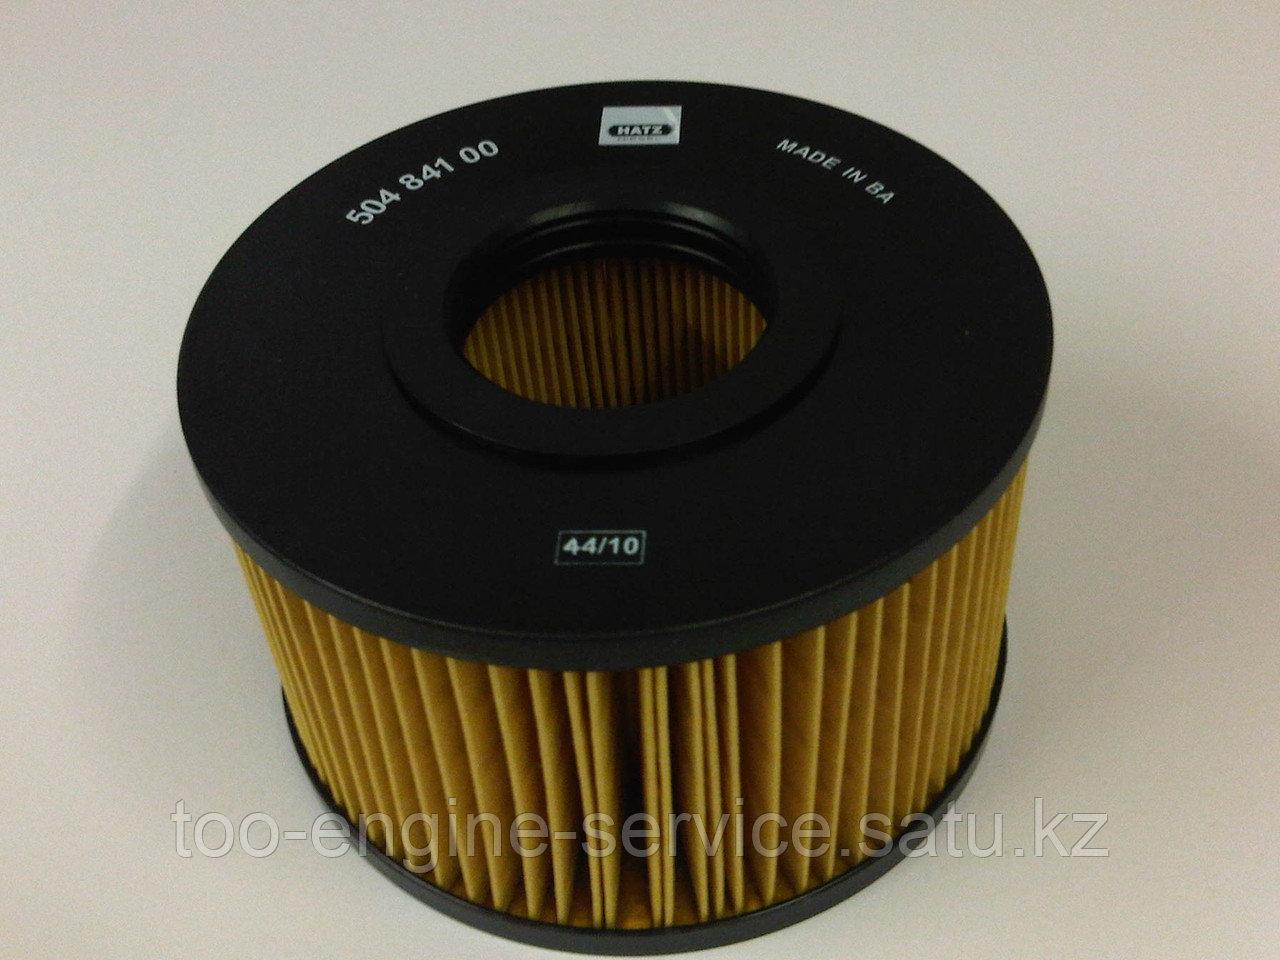 Фильтр воздушный для Hatz 1B